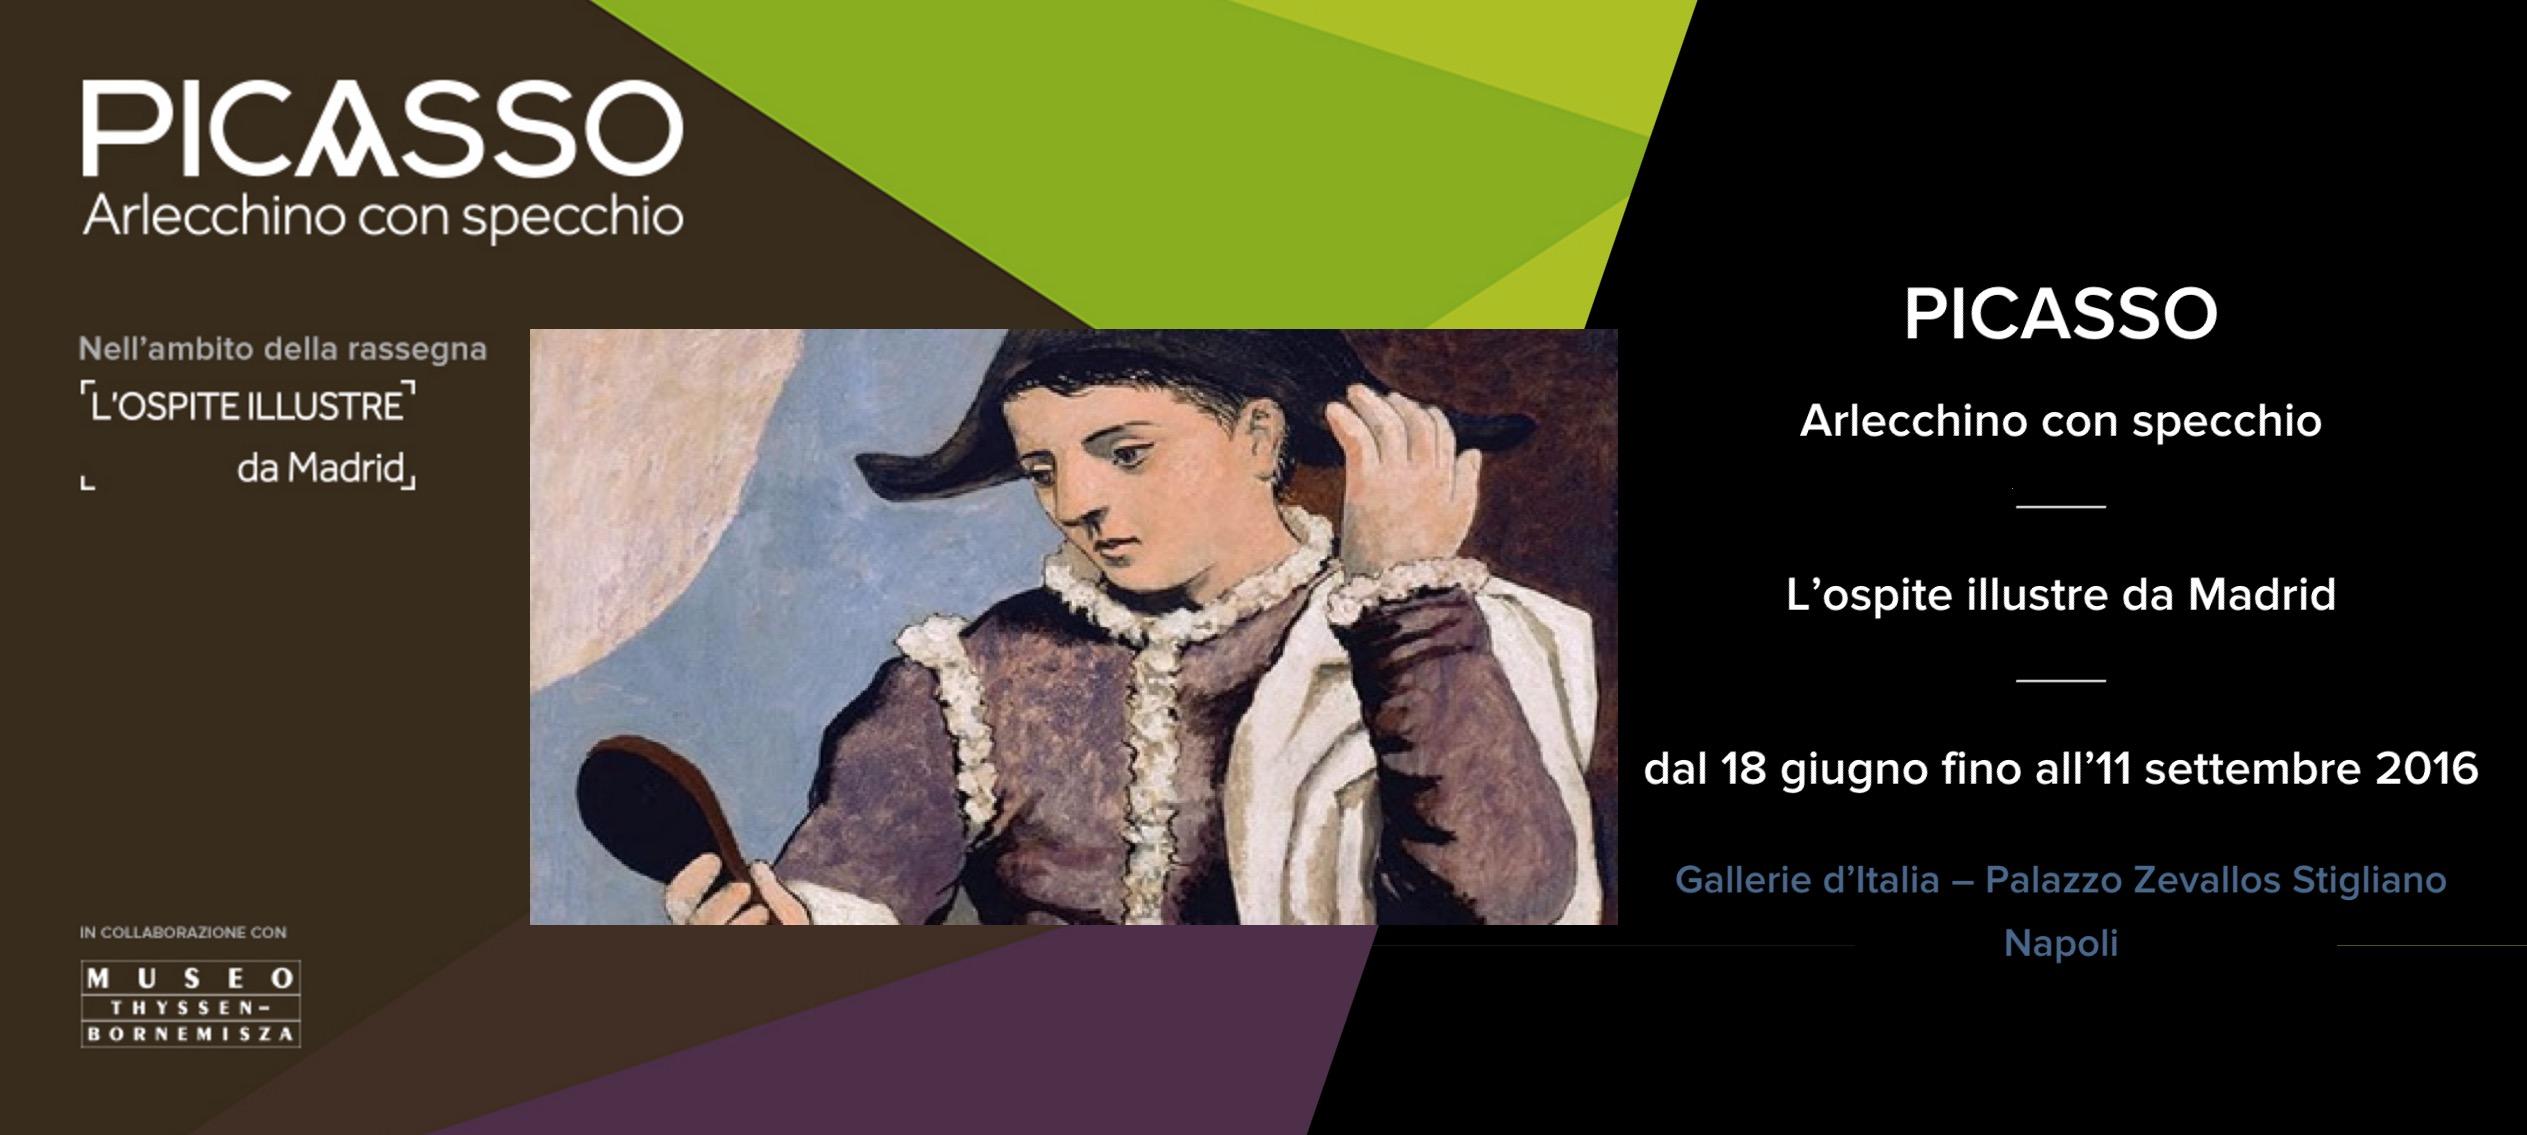 2016.06.16 - Mostra Picasso Arlecchino allo specchio